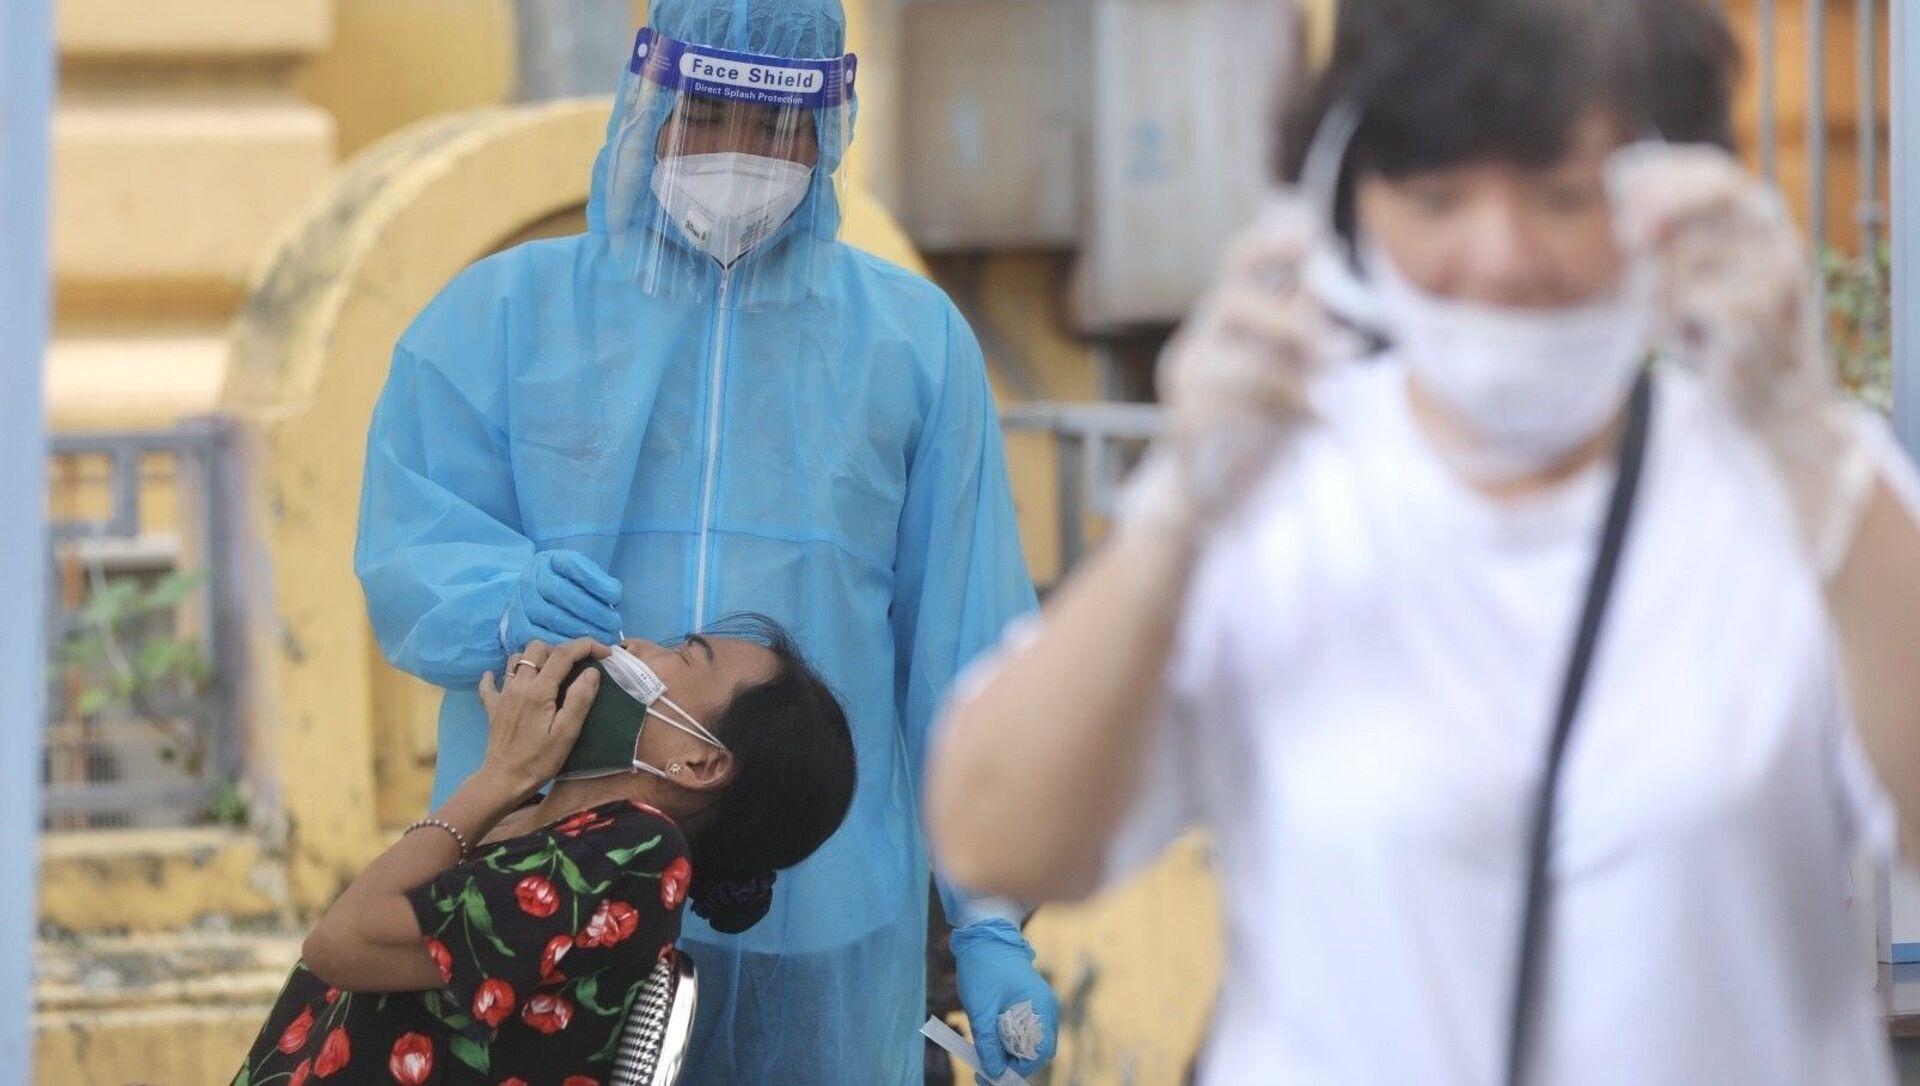 Nhân viên y tế lấy mẫu cho người dân phường Phan Chu Trinh, quận Hoàn Kiếm chiều 18/8/2021. - Sputnik Việt Nam, 1920, 18.08.2021